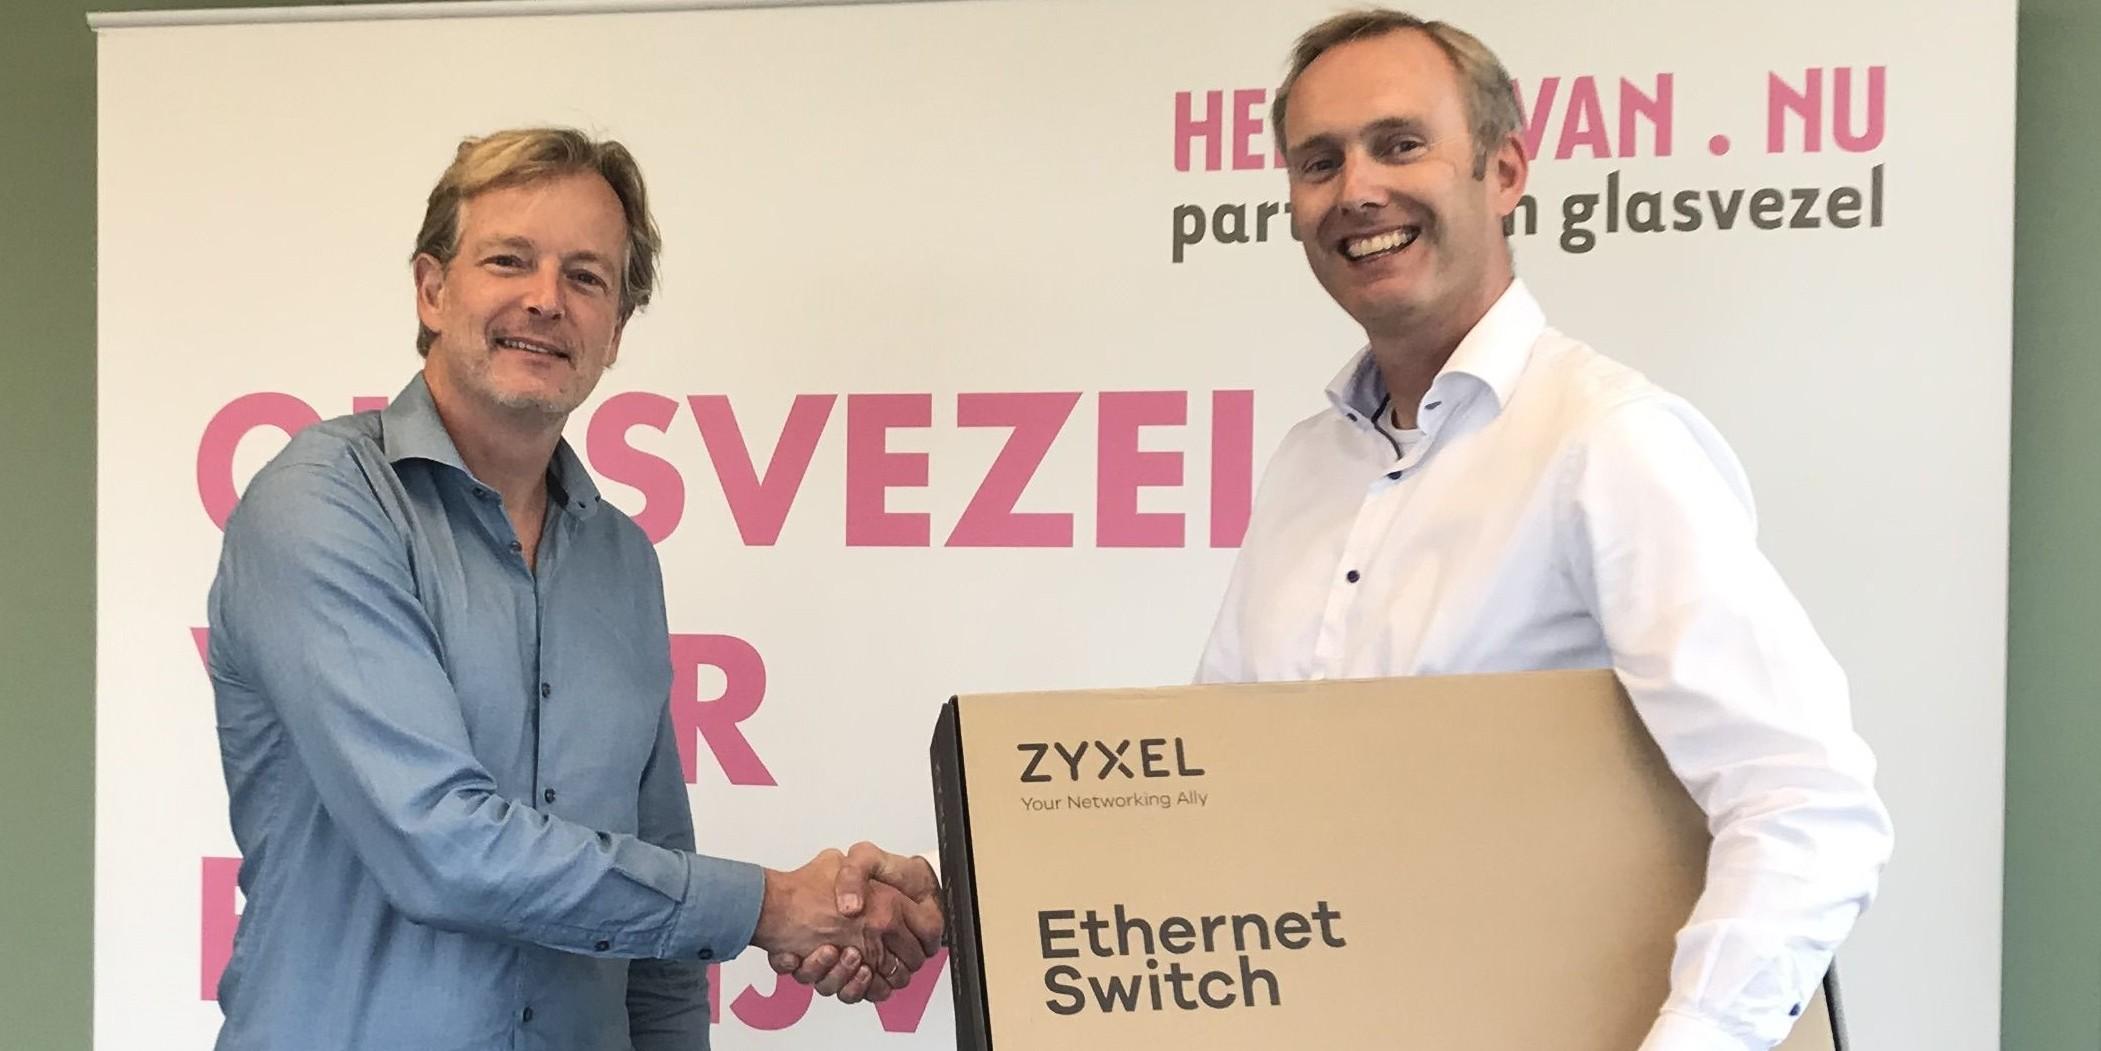 Helden Van Nu brengt glasvezelinternet naar mkb in Den Haag